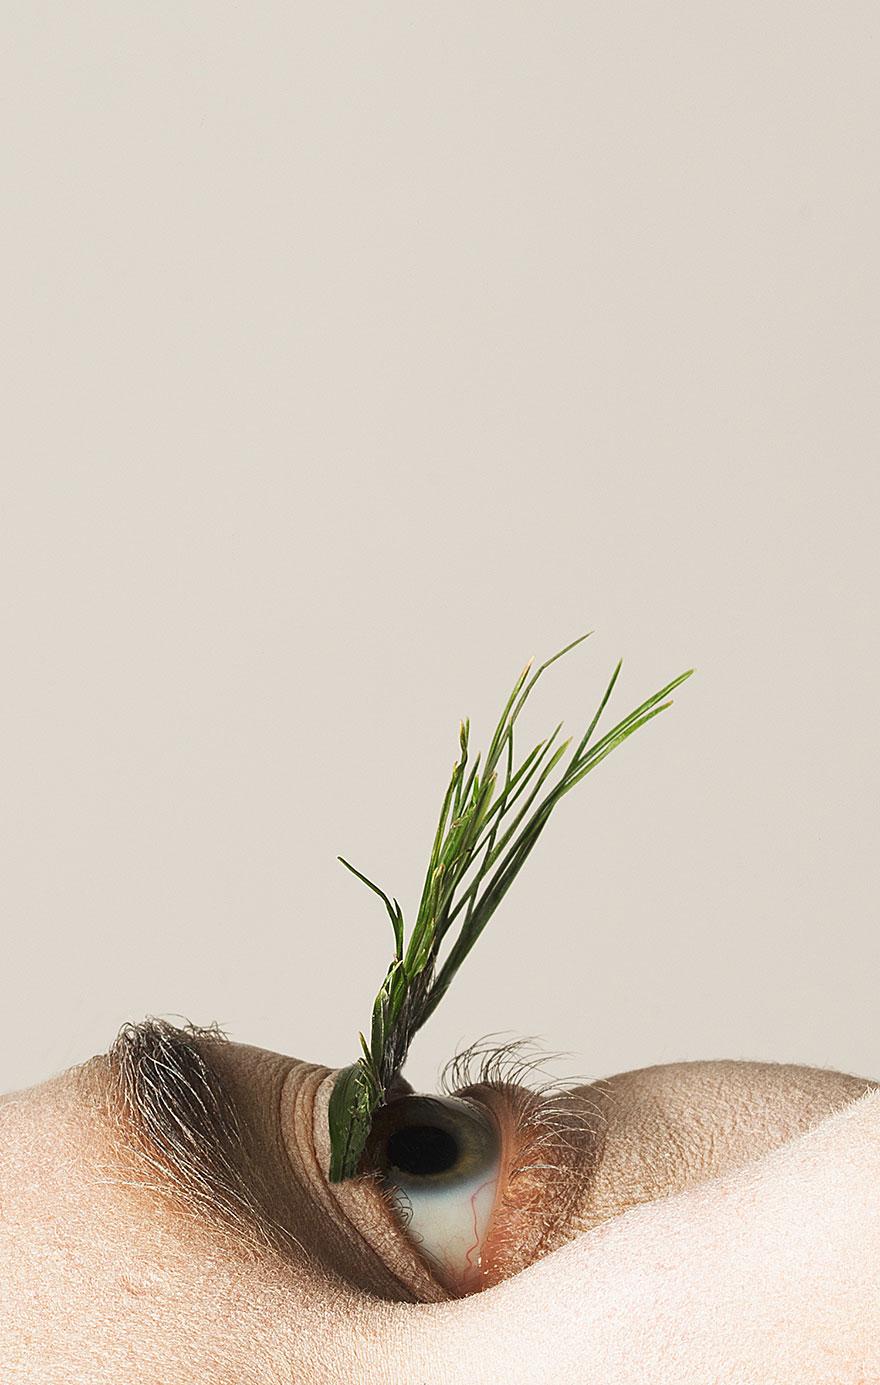 natural-eyelashes-foliage-mary-graham-3